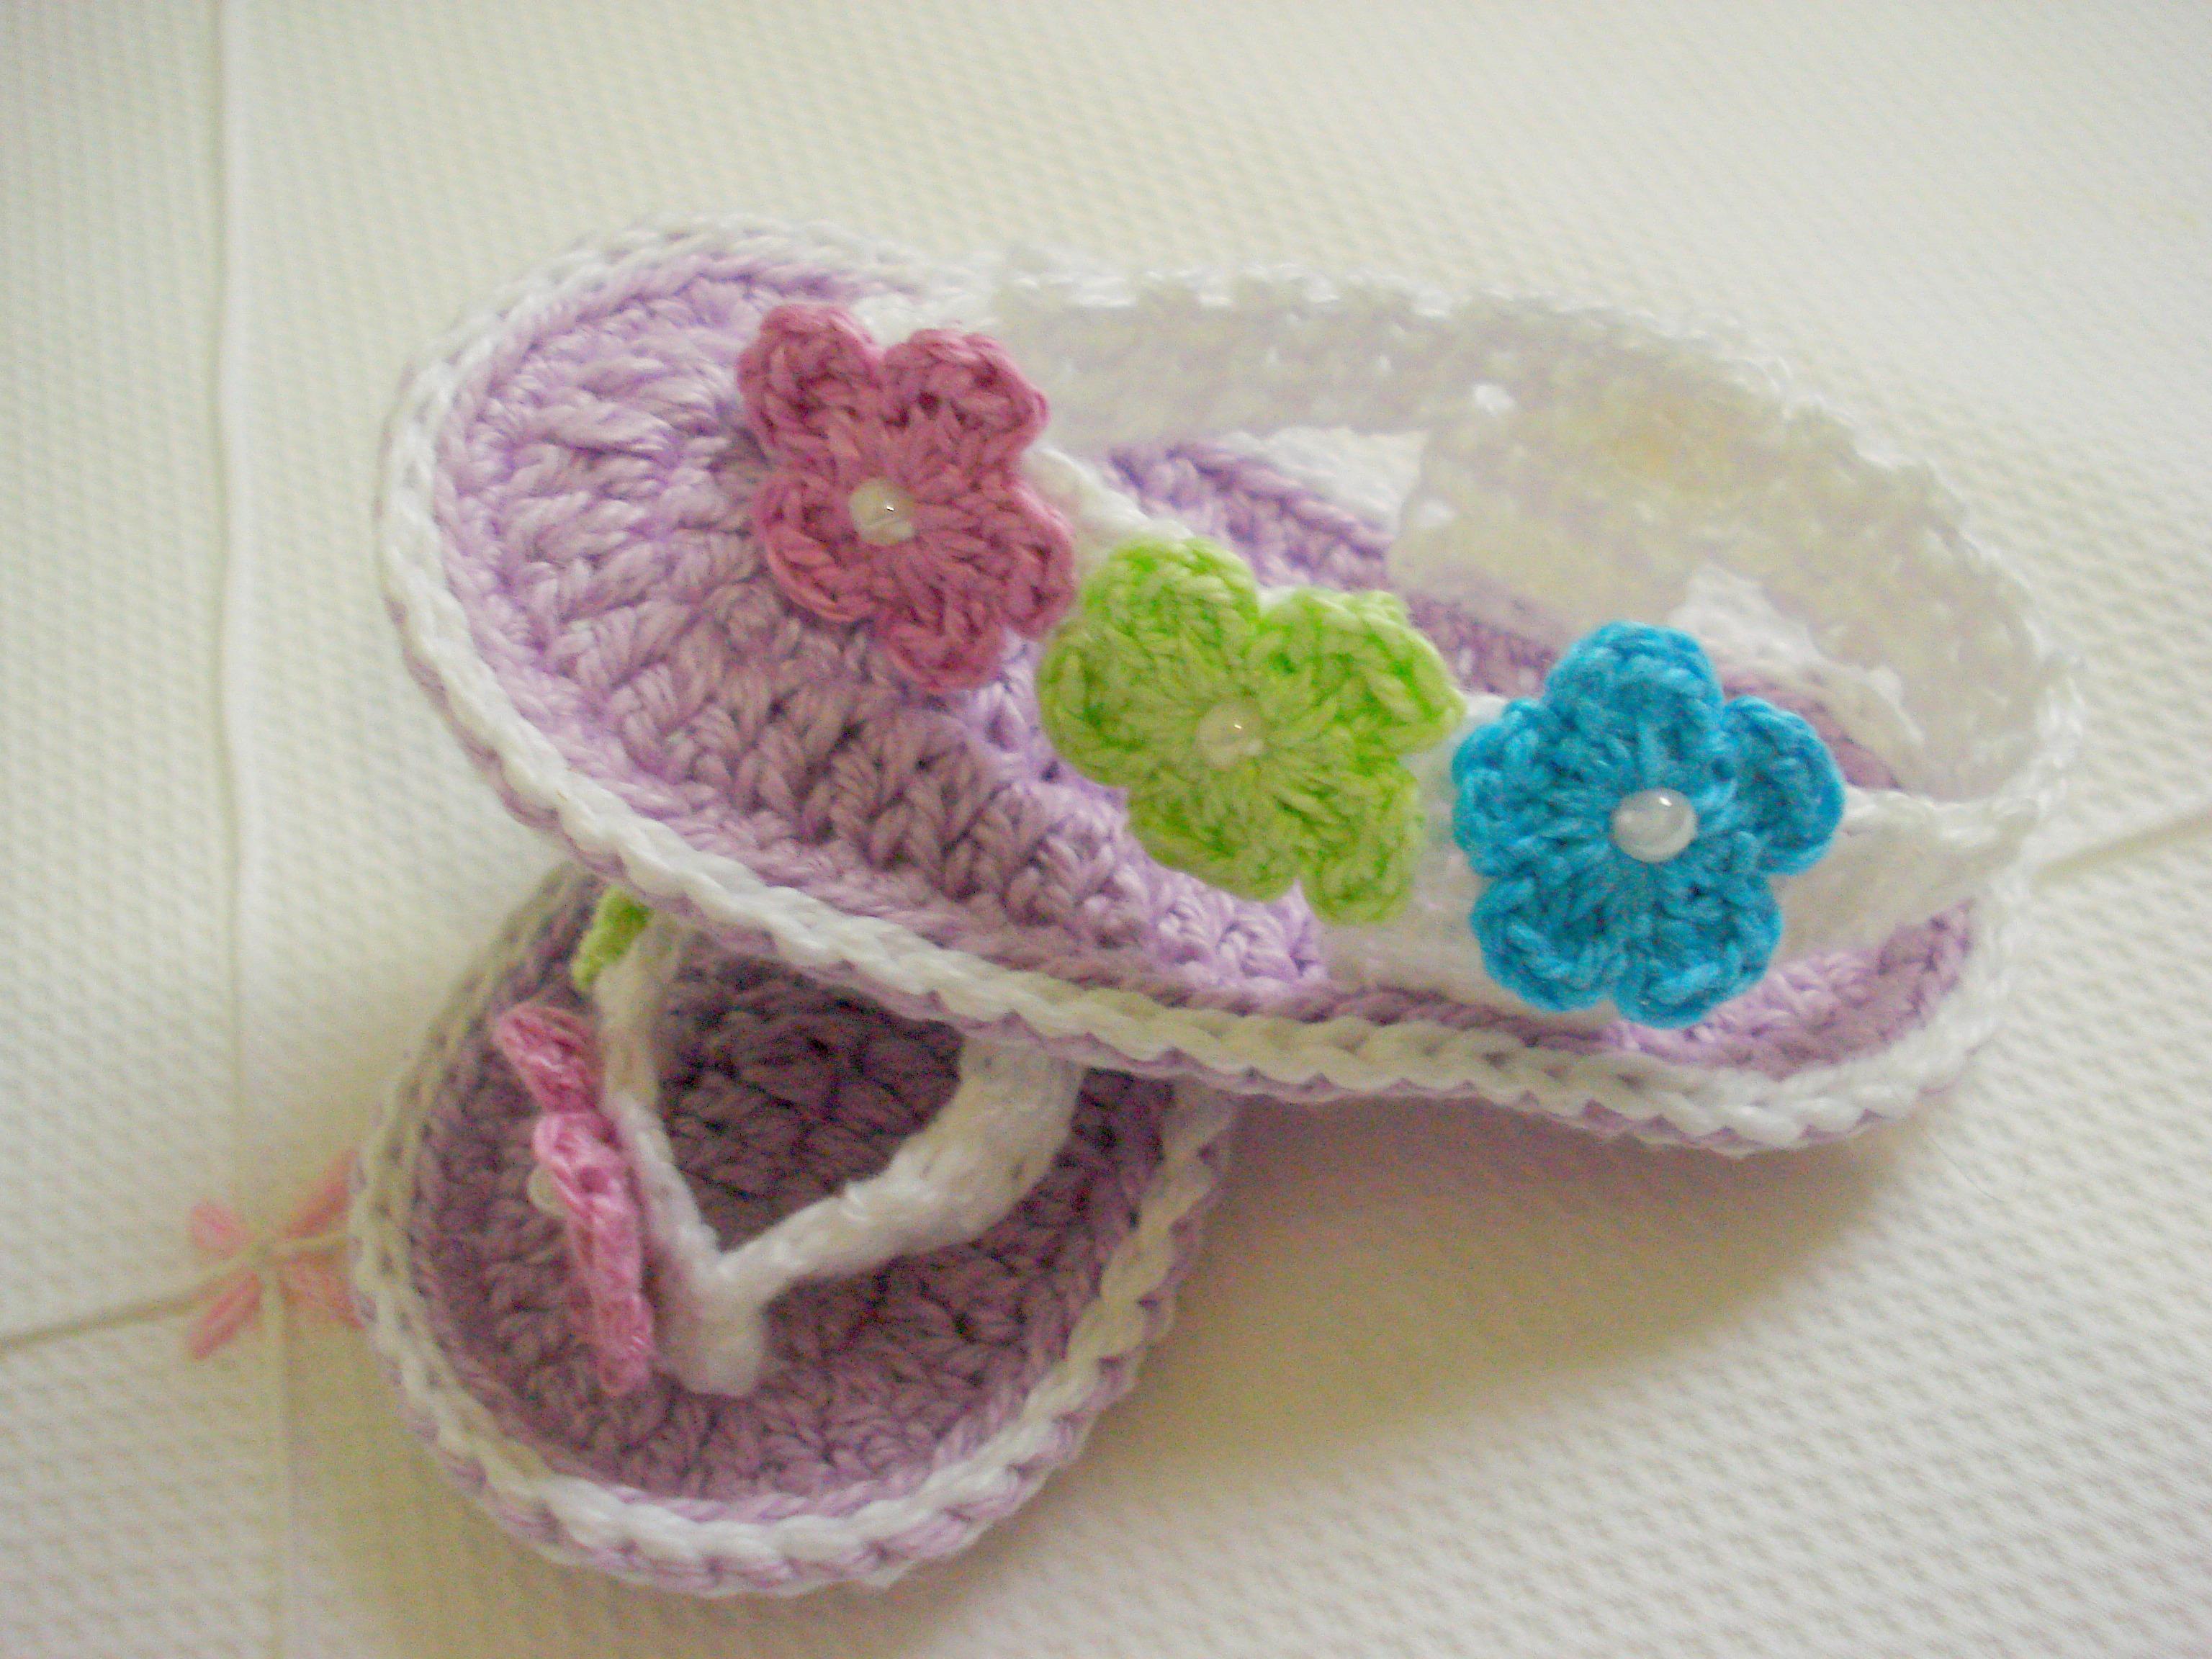 sandalia-para-bebe-em-crochet-sandalia-em-crochet.jpg